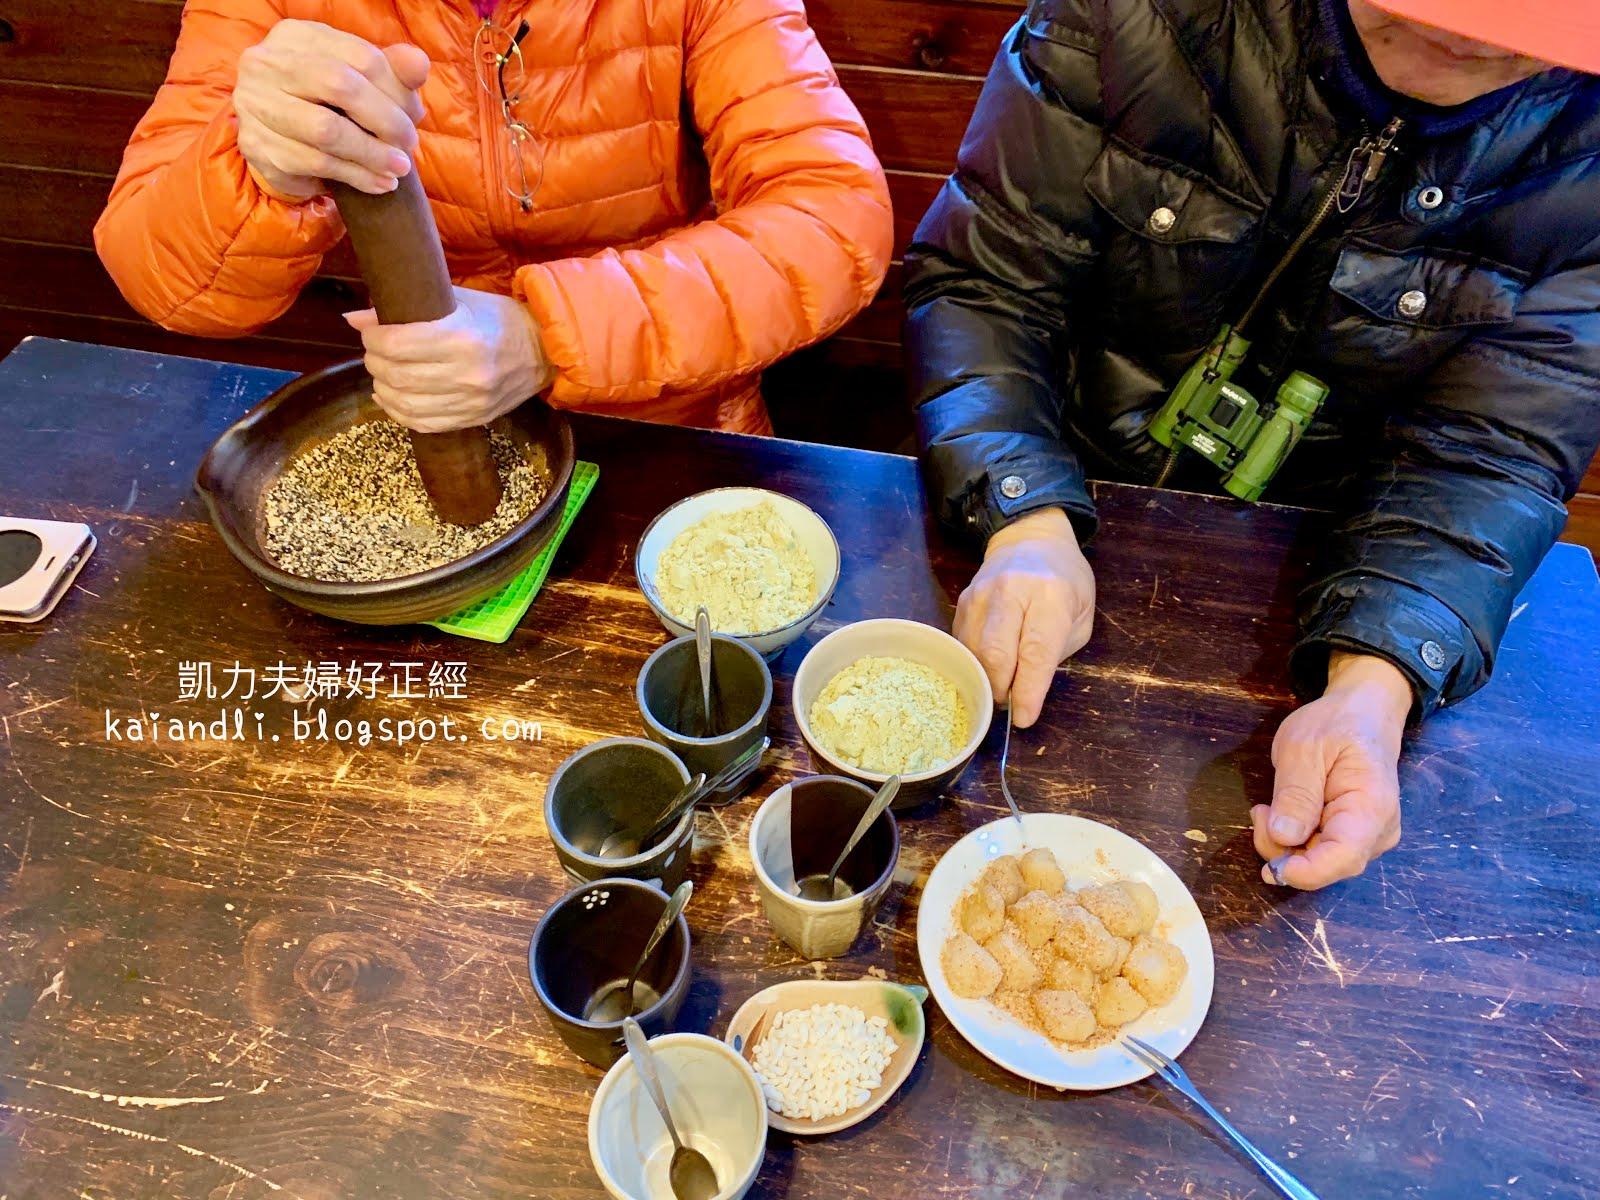 【苗栗勝興美食】采園居|自己的茶自己擂,客家擂茶DIY體驗超新鮮